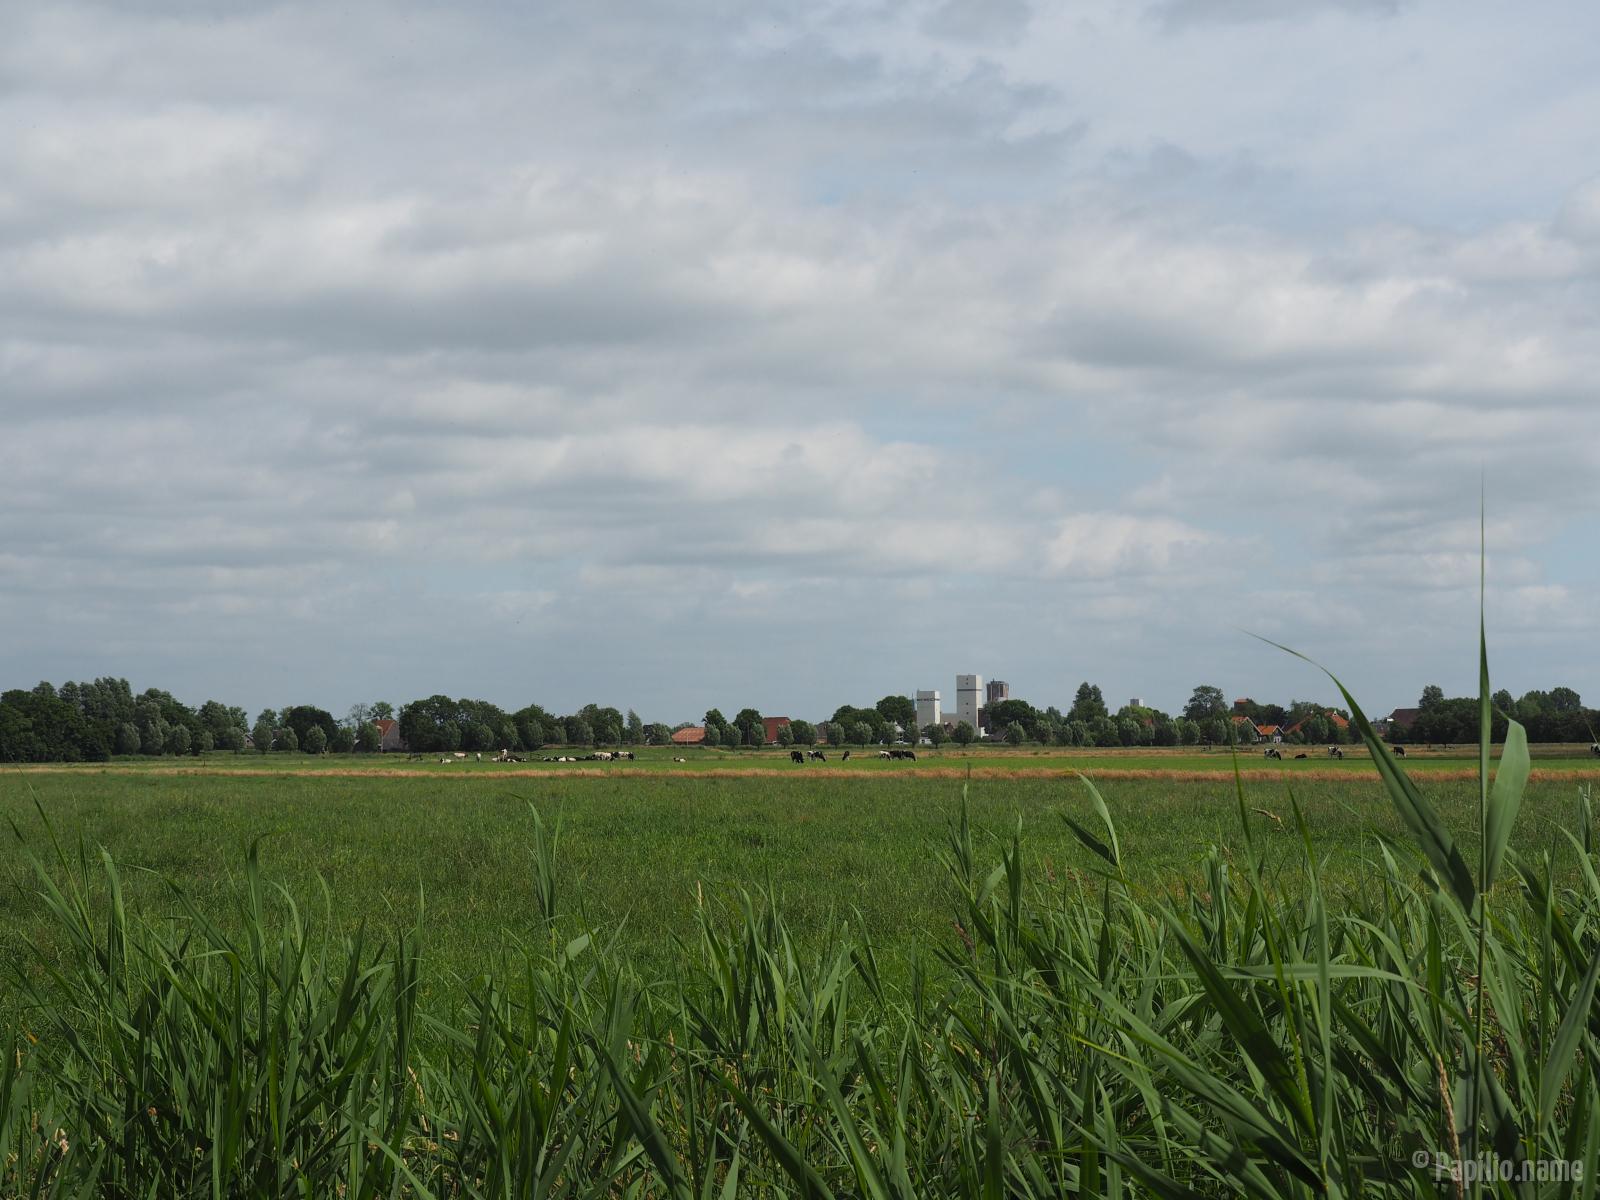 555-E-M-10-Zwettepoel-038